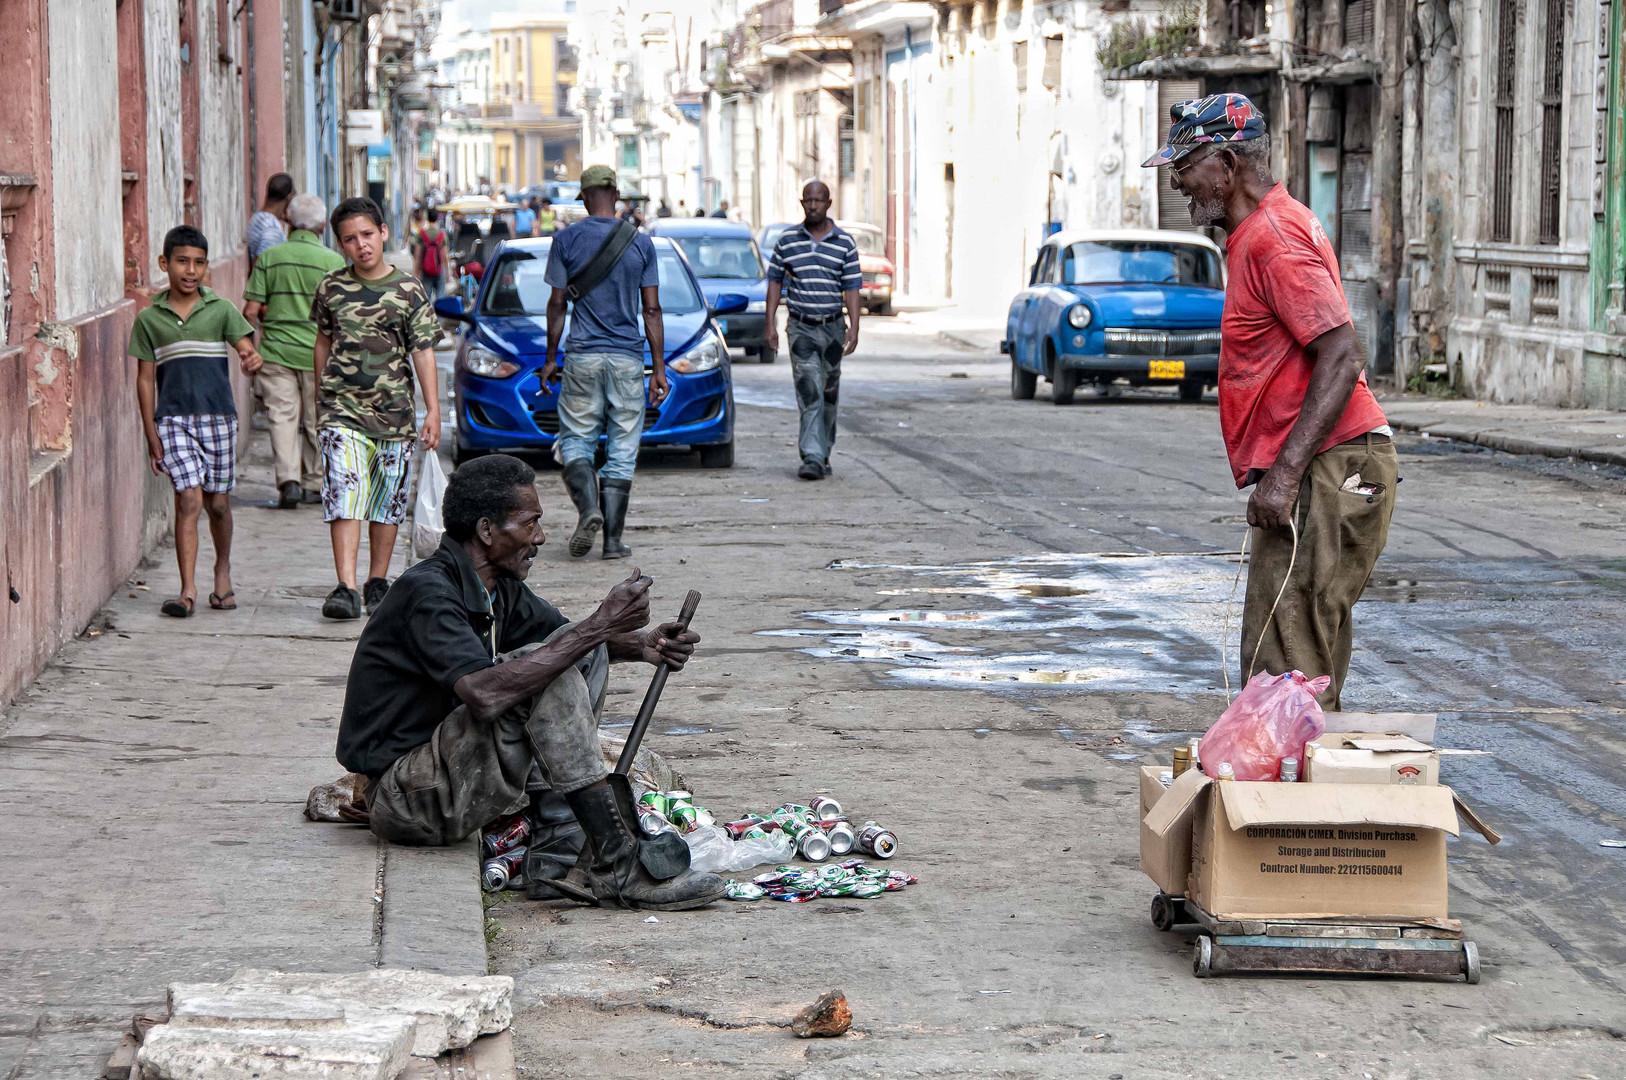 La Habana - 4